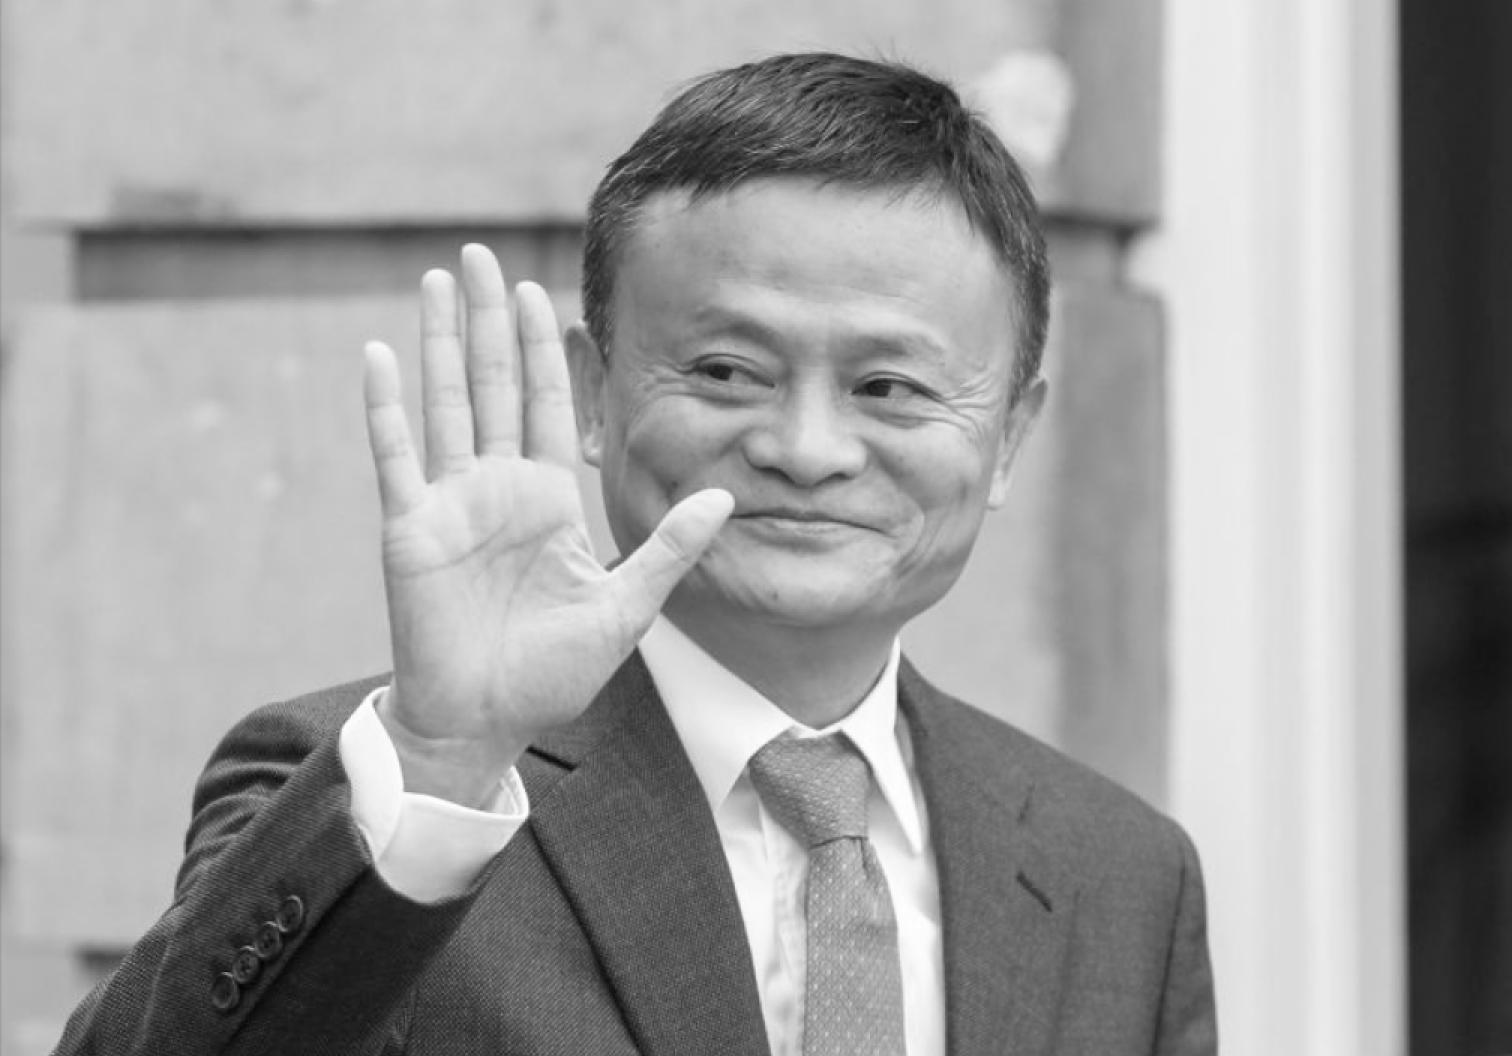 8 ноября миллиардер Джек Ма выступит на КМЭФ